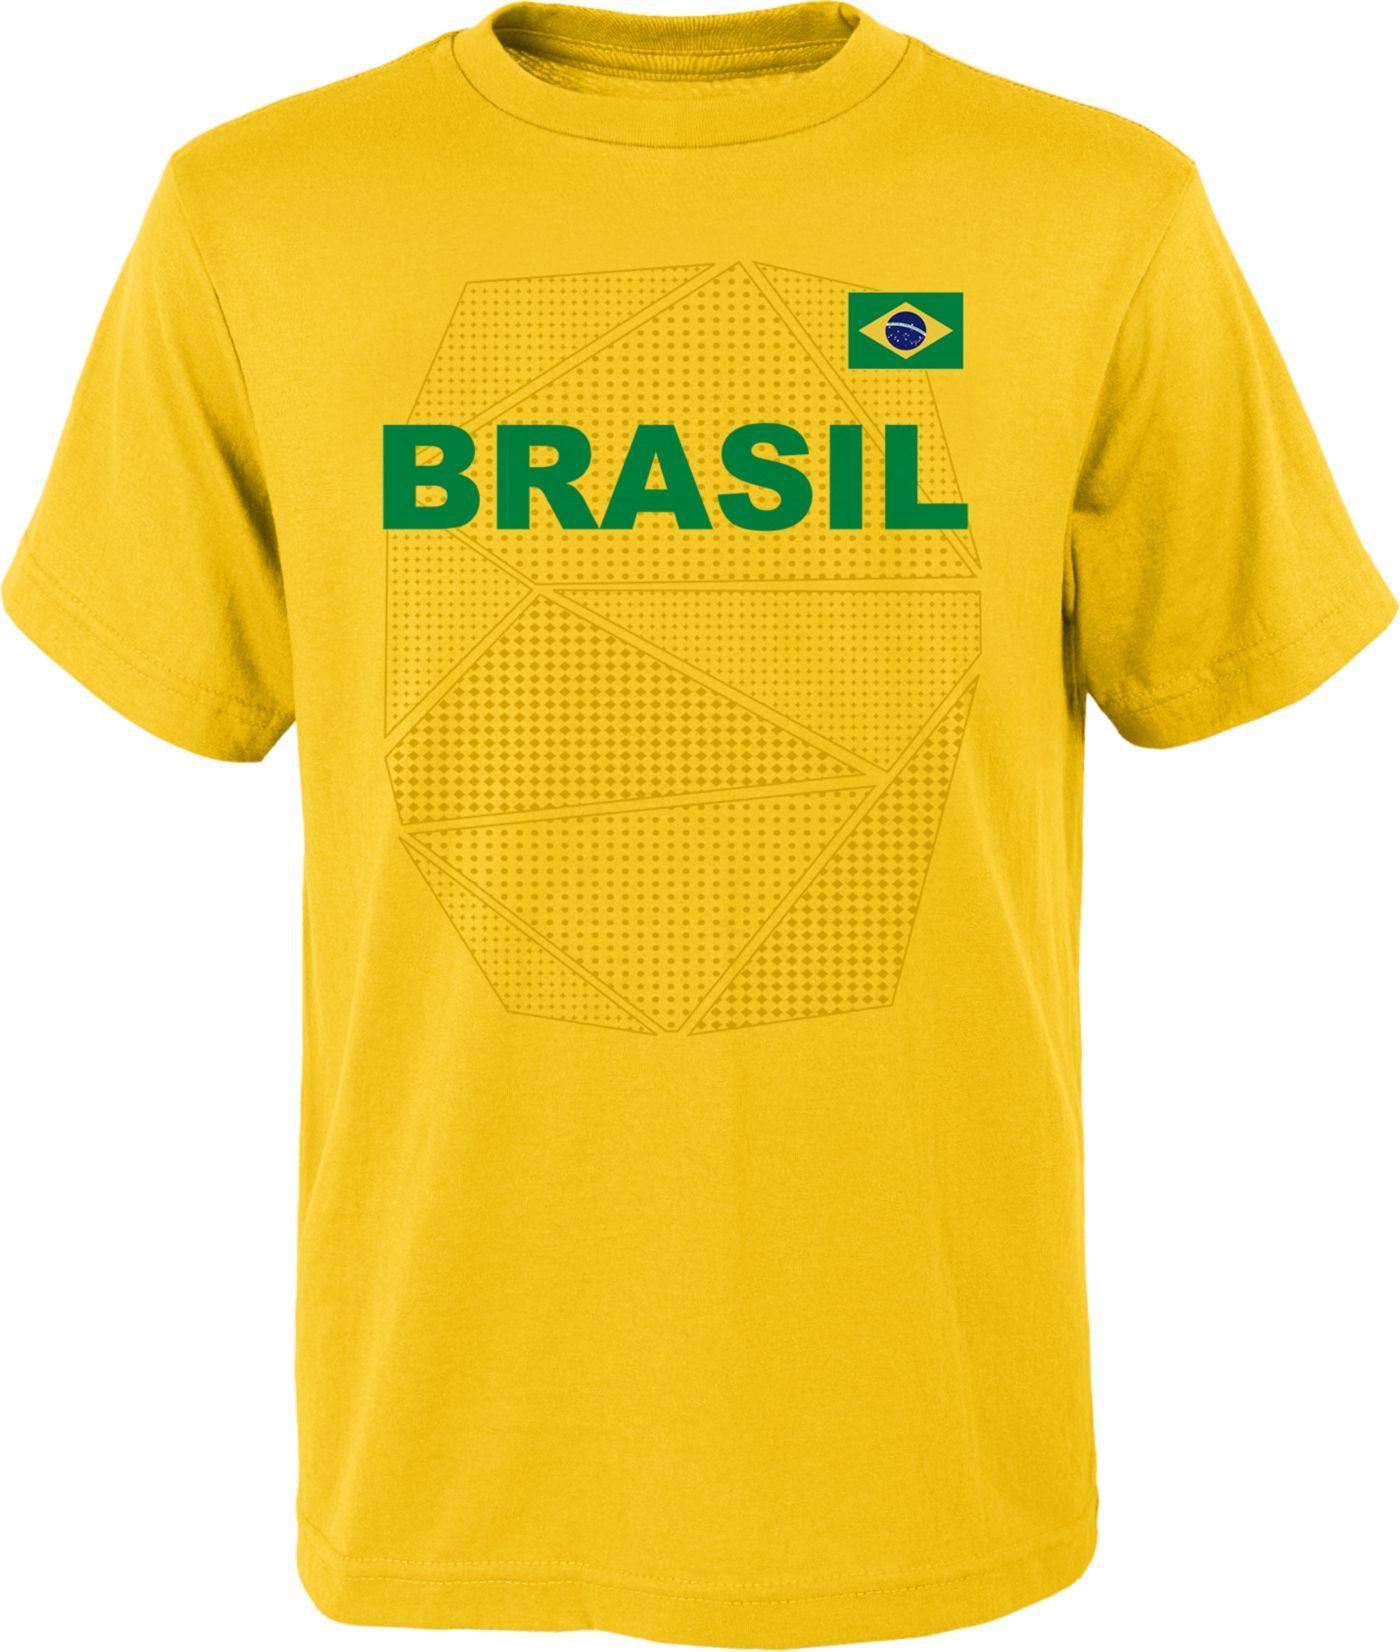 Outerstuff Youth Brazil Penalty Kick Yellow T-Shirt